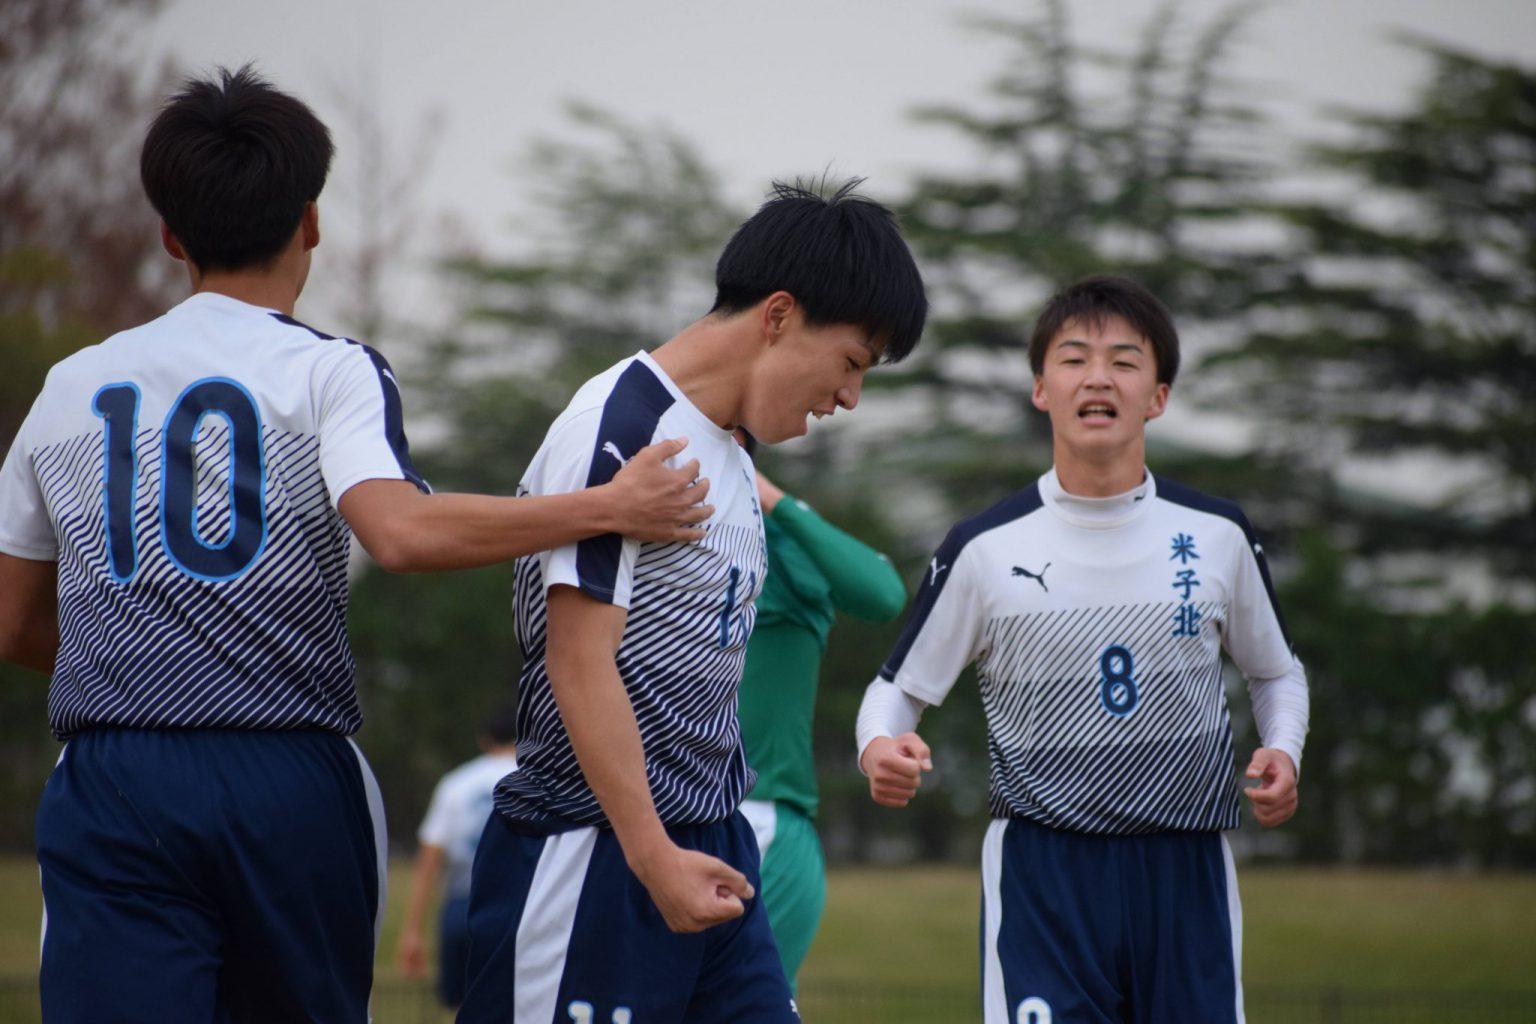 サッカー:SPL中国 12/12・ガイナーレ鳥取U-18 試合結果